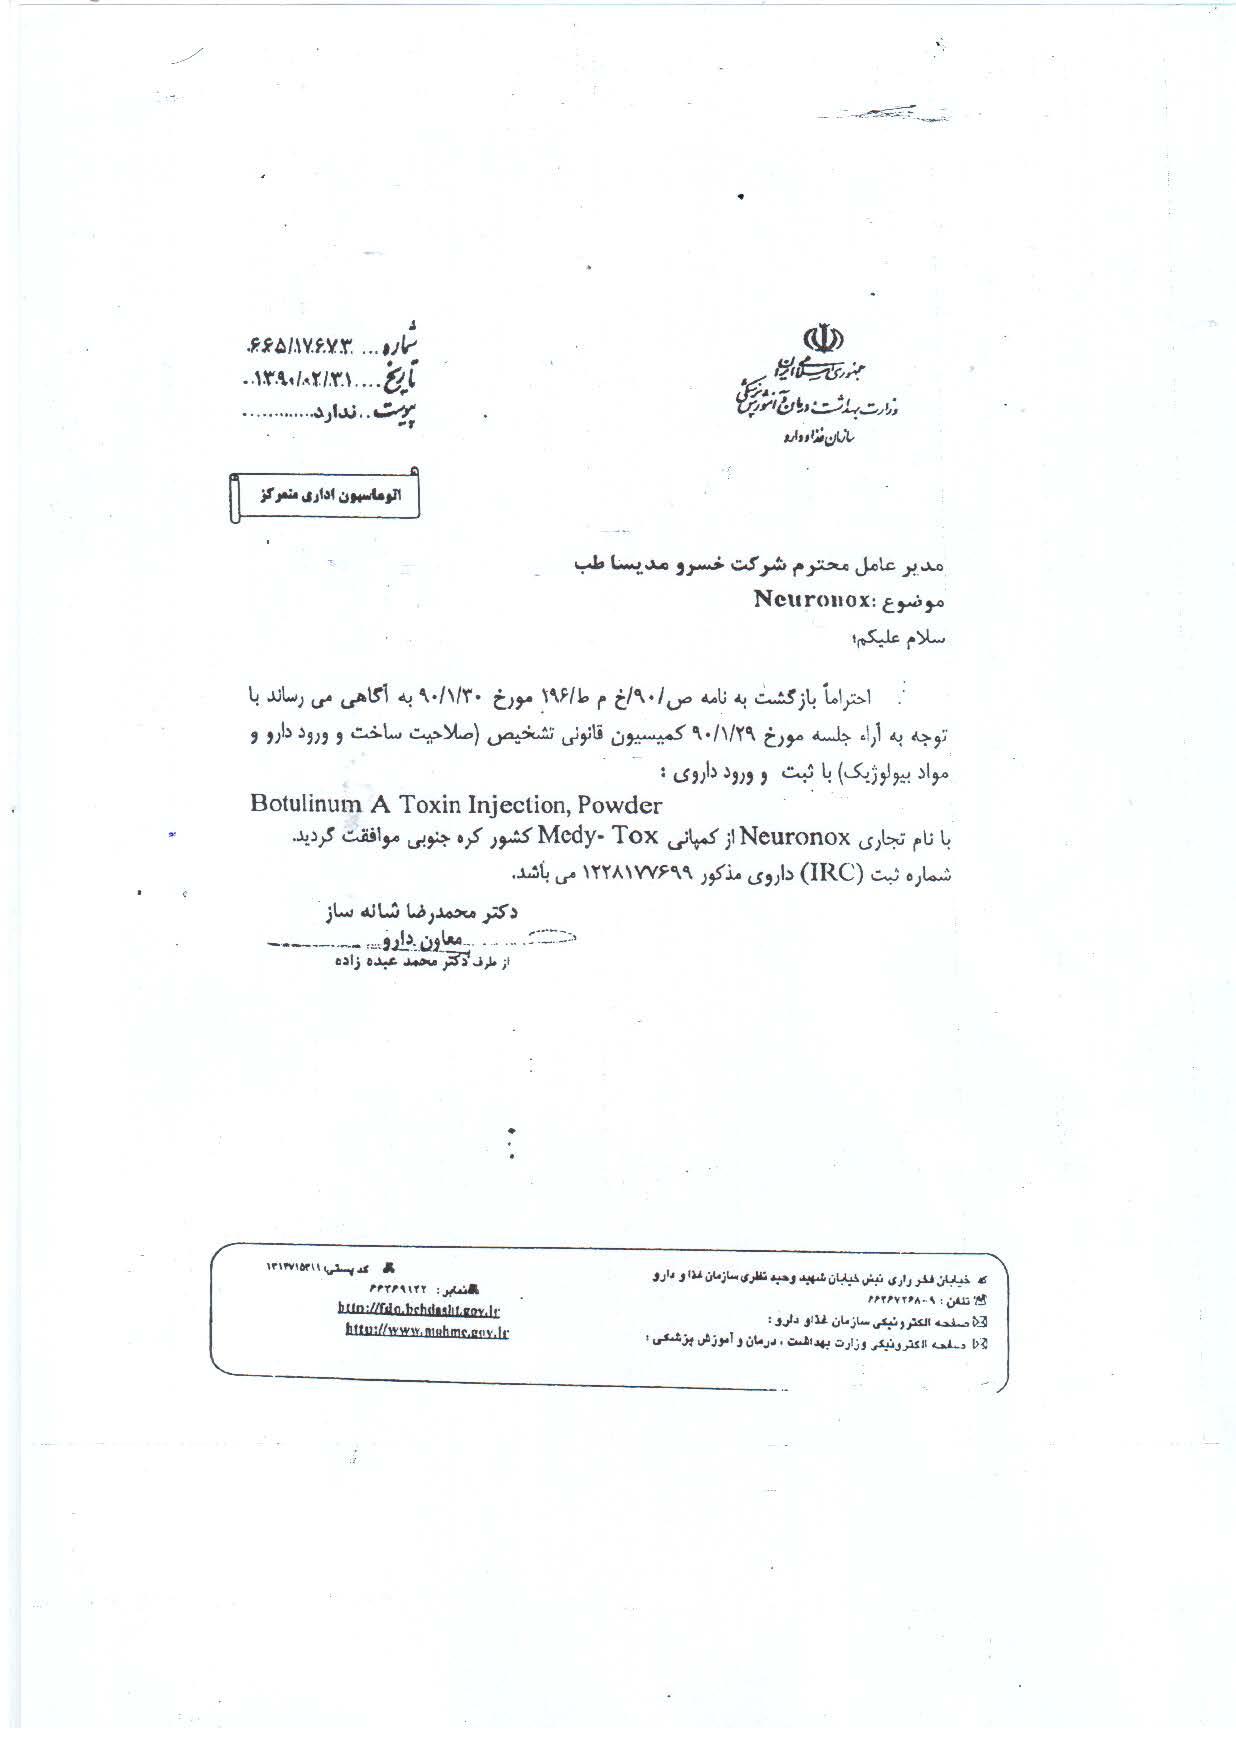 مجوز وزارت بهداشت